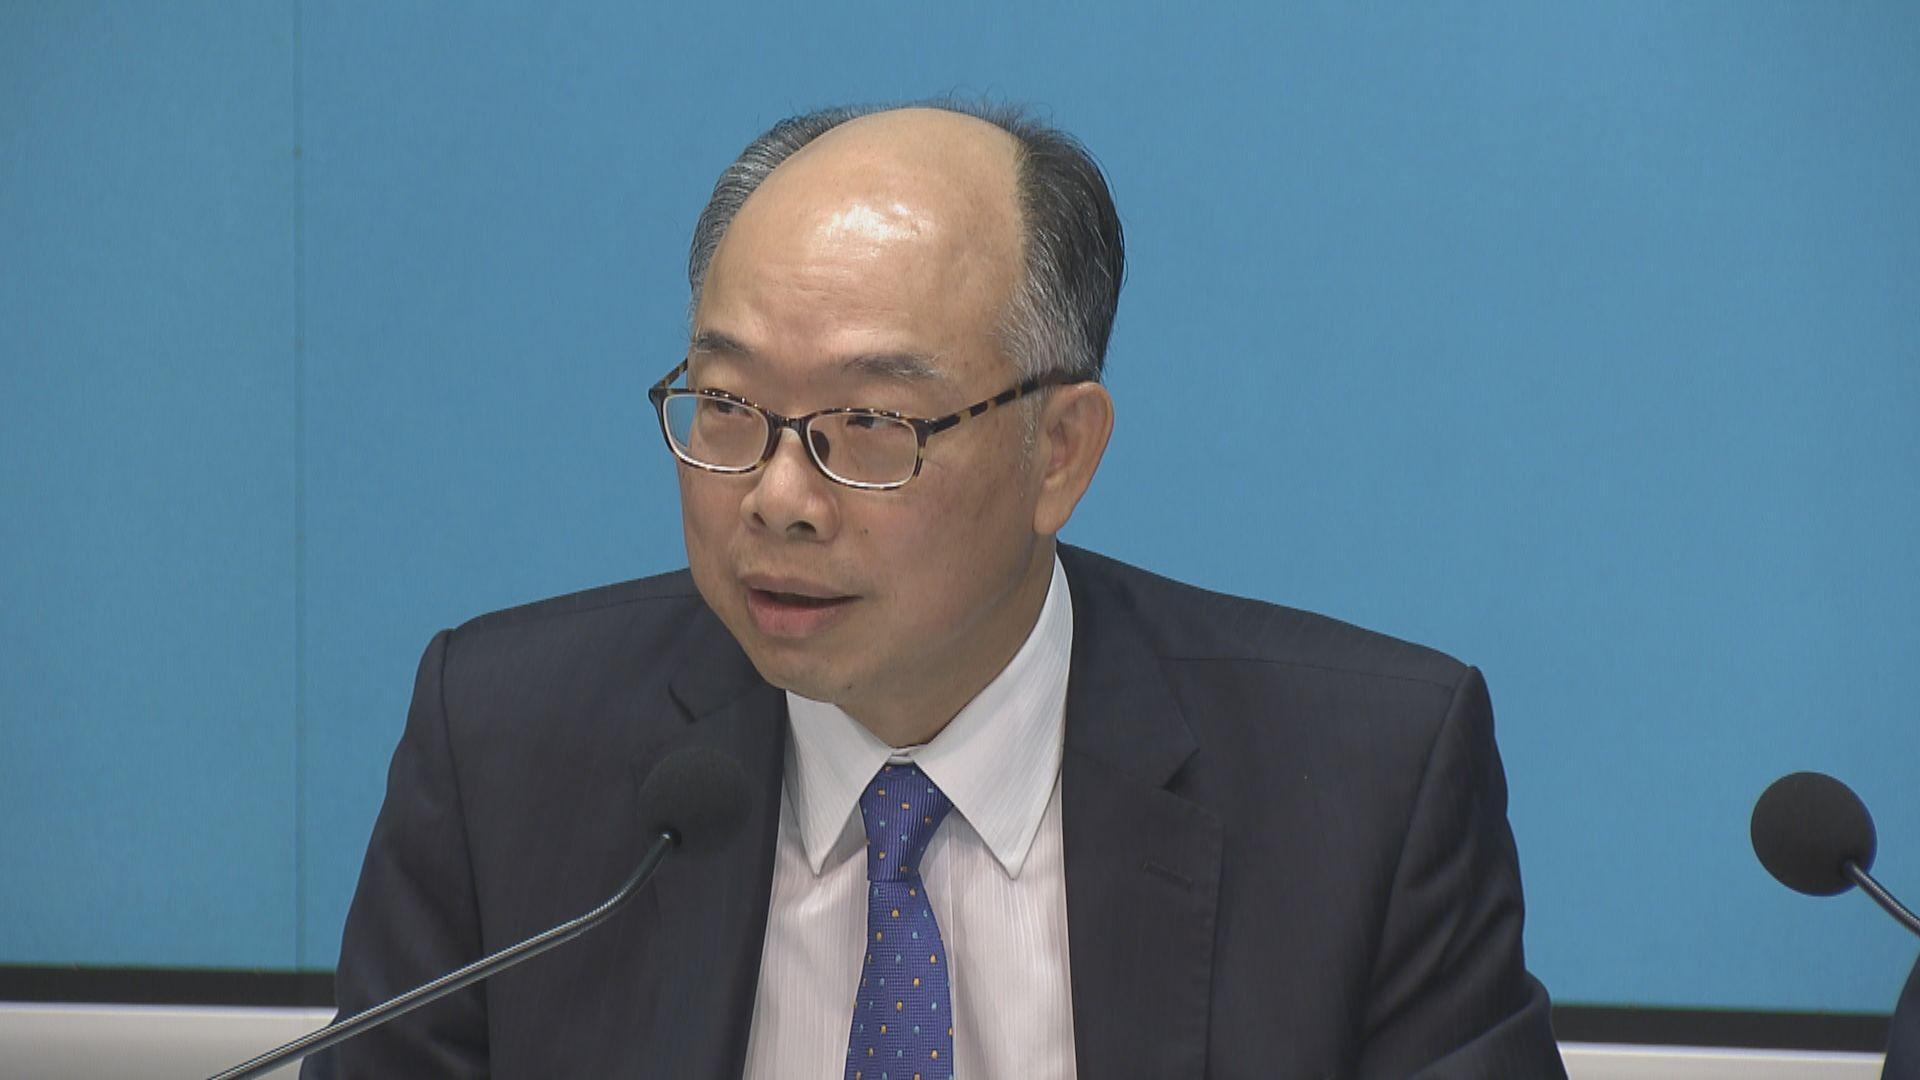 陳帆:任何修改均會令與西隧公司共識失效